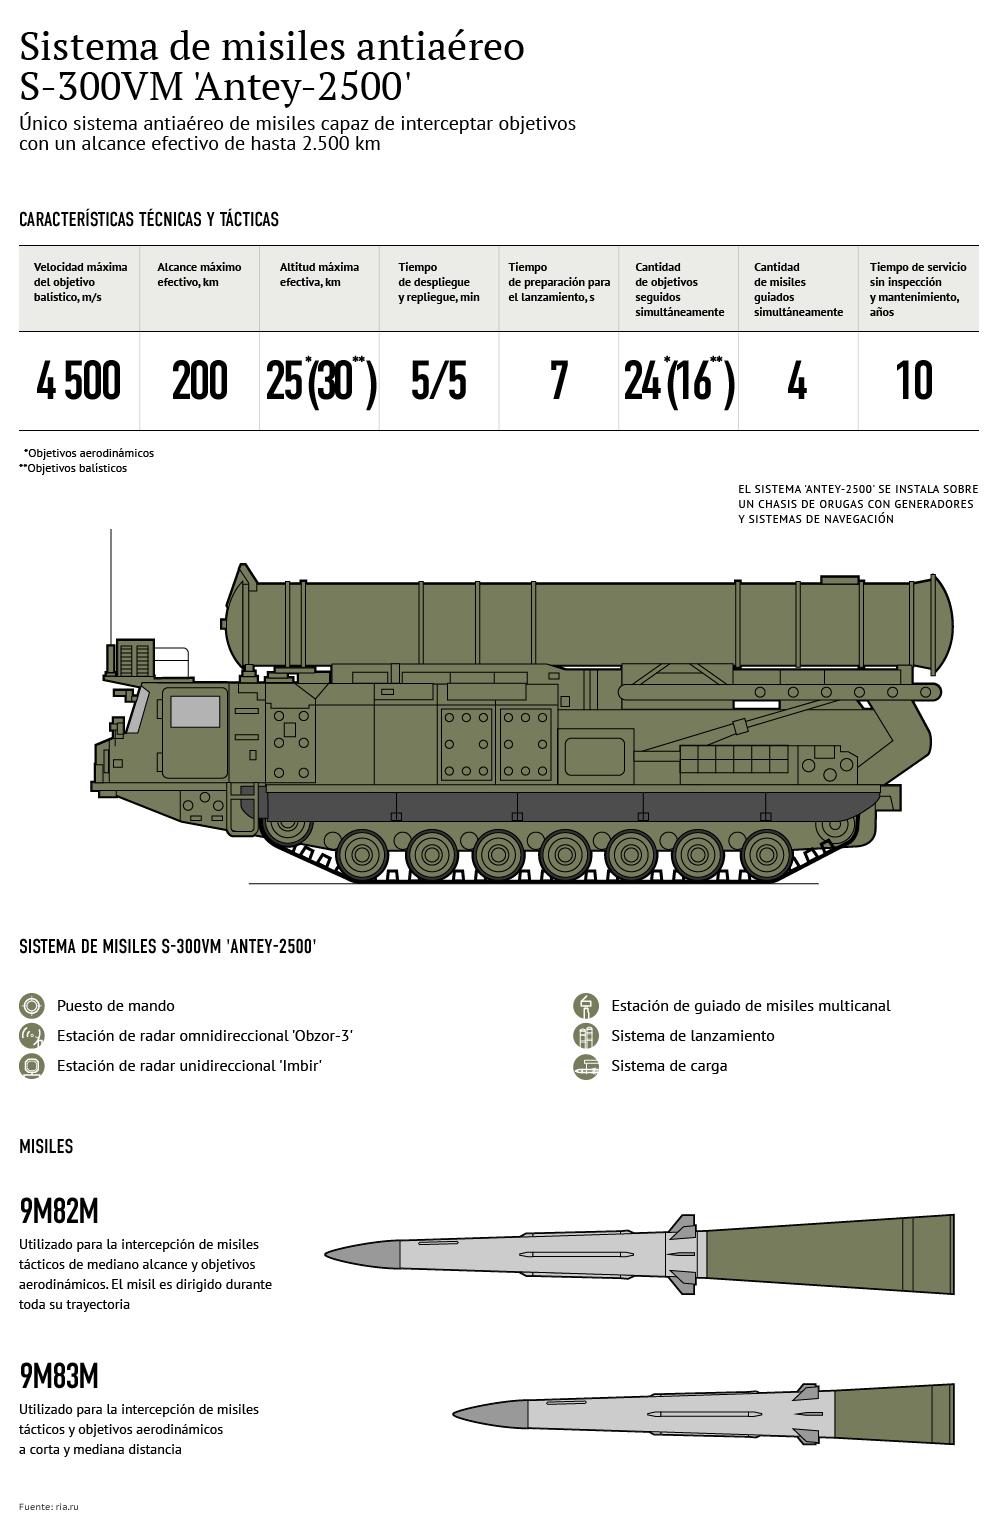 Características de los novedosos sistemas de misiles rusos Antey-2500